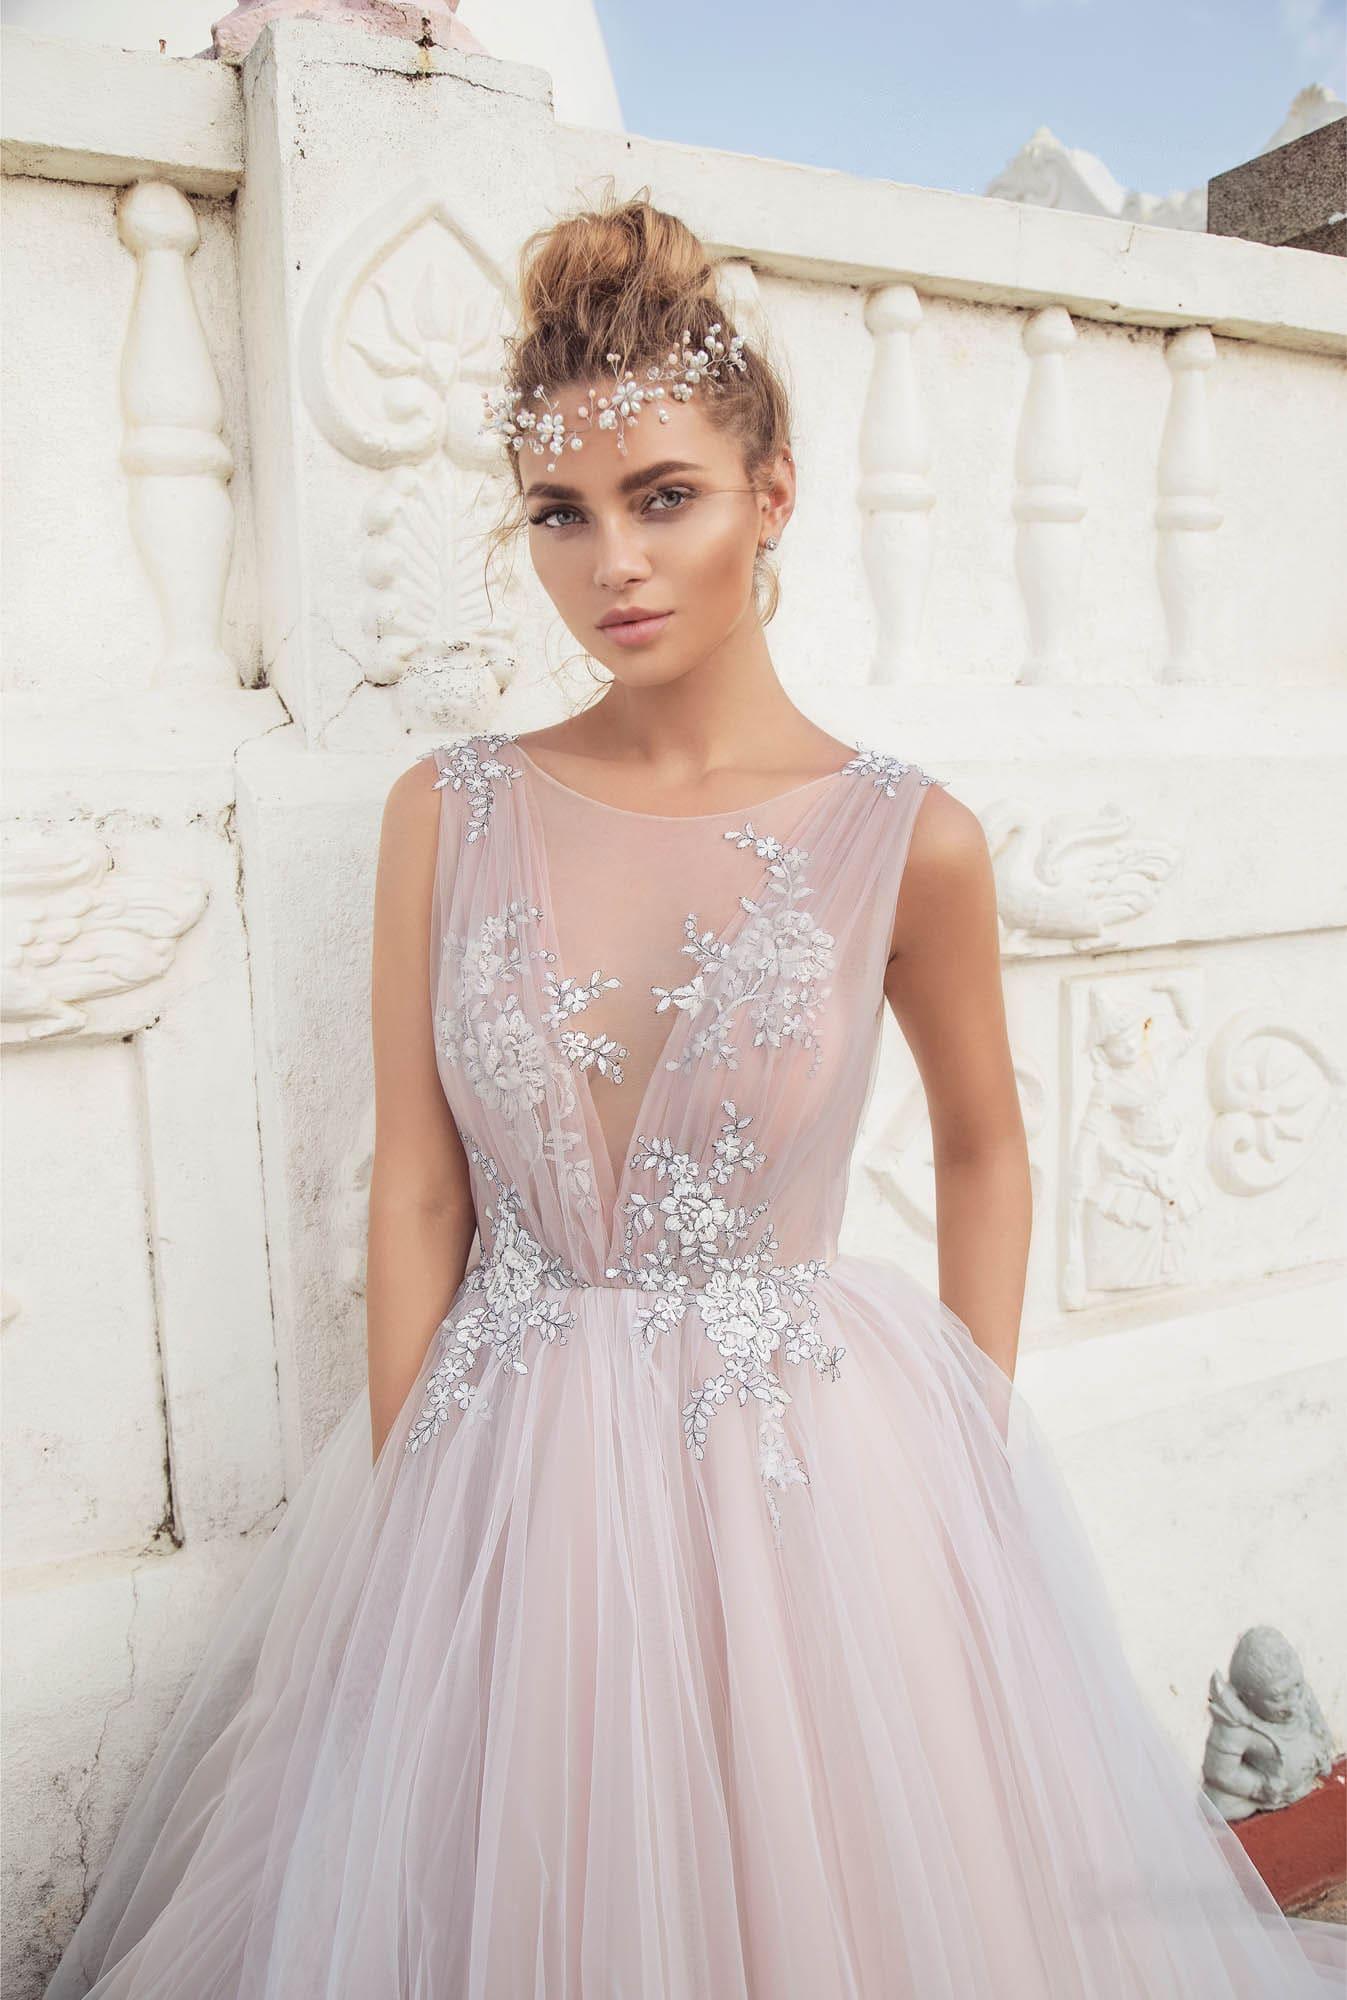 Розовое свадебное платье пышного кроя с отделкой из драпировок.